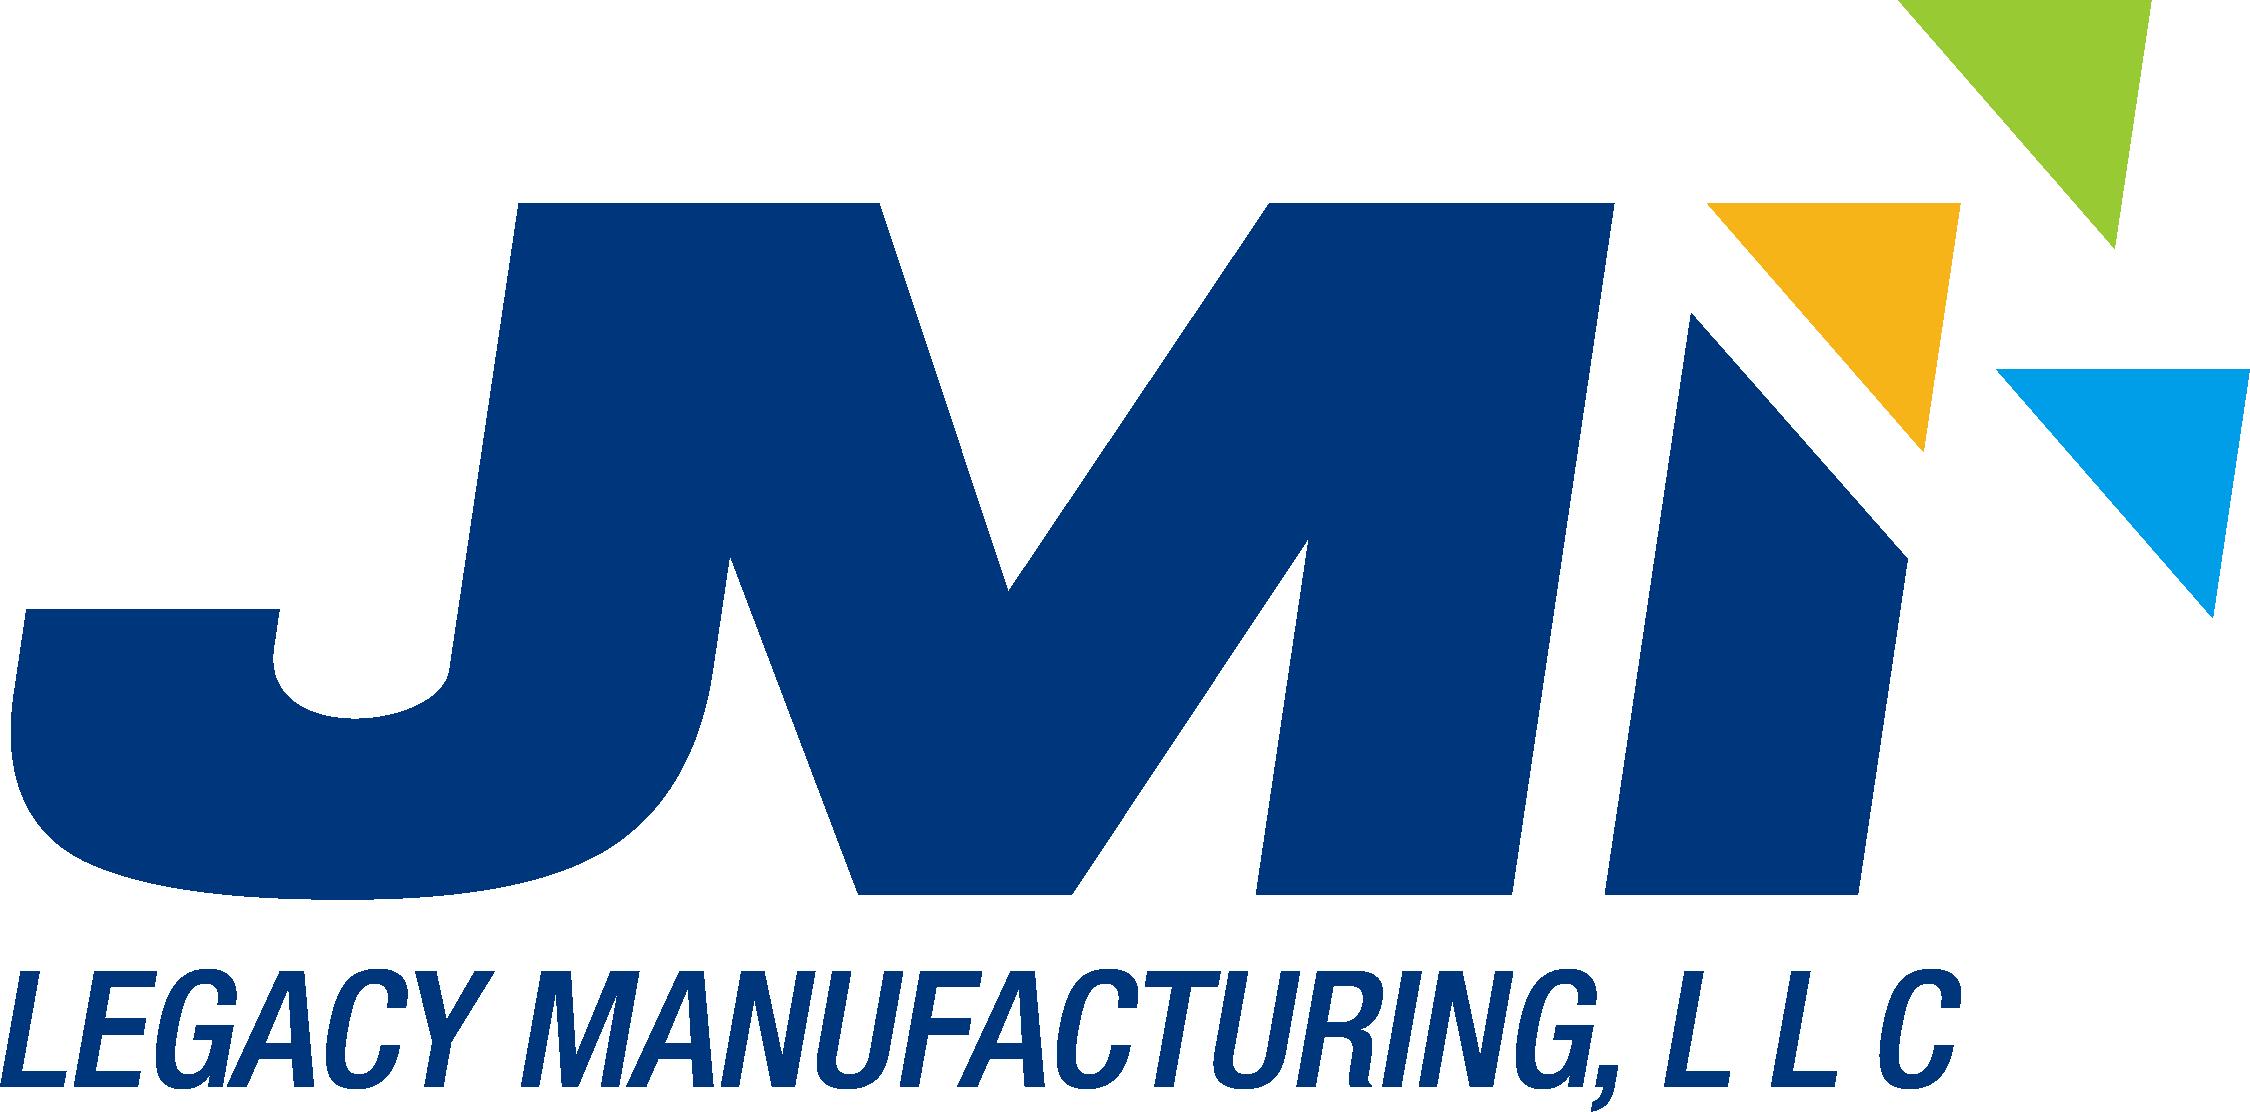 JMI Legacy Manufacturing